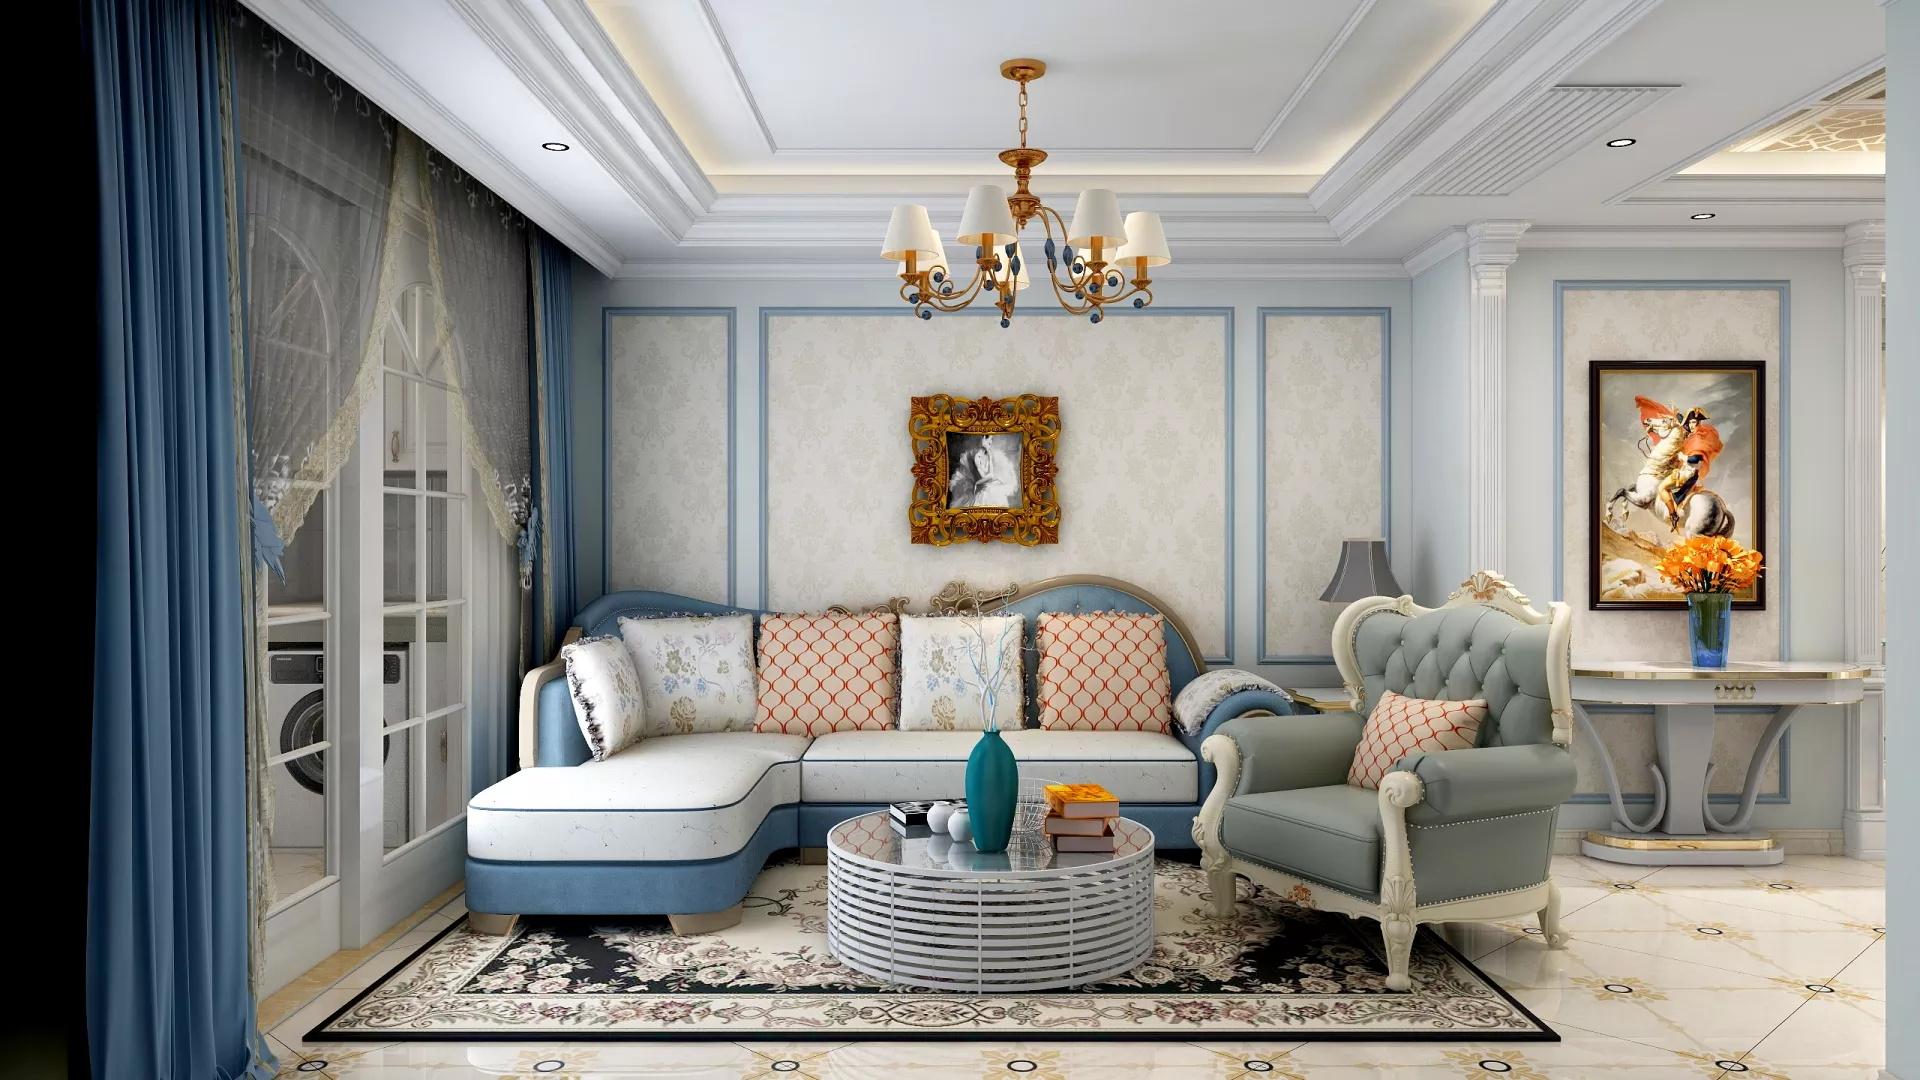 130㎡简约风格大气明亮客厅装修效果图